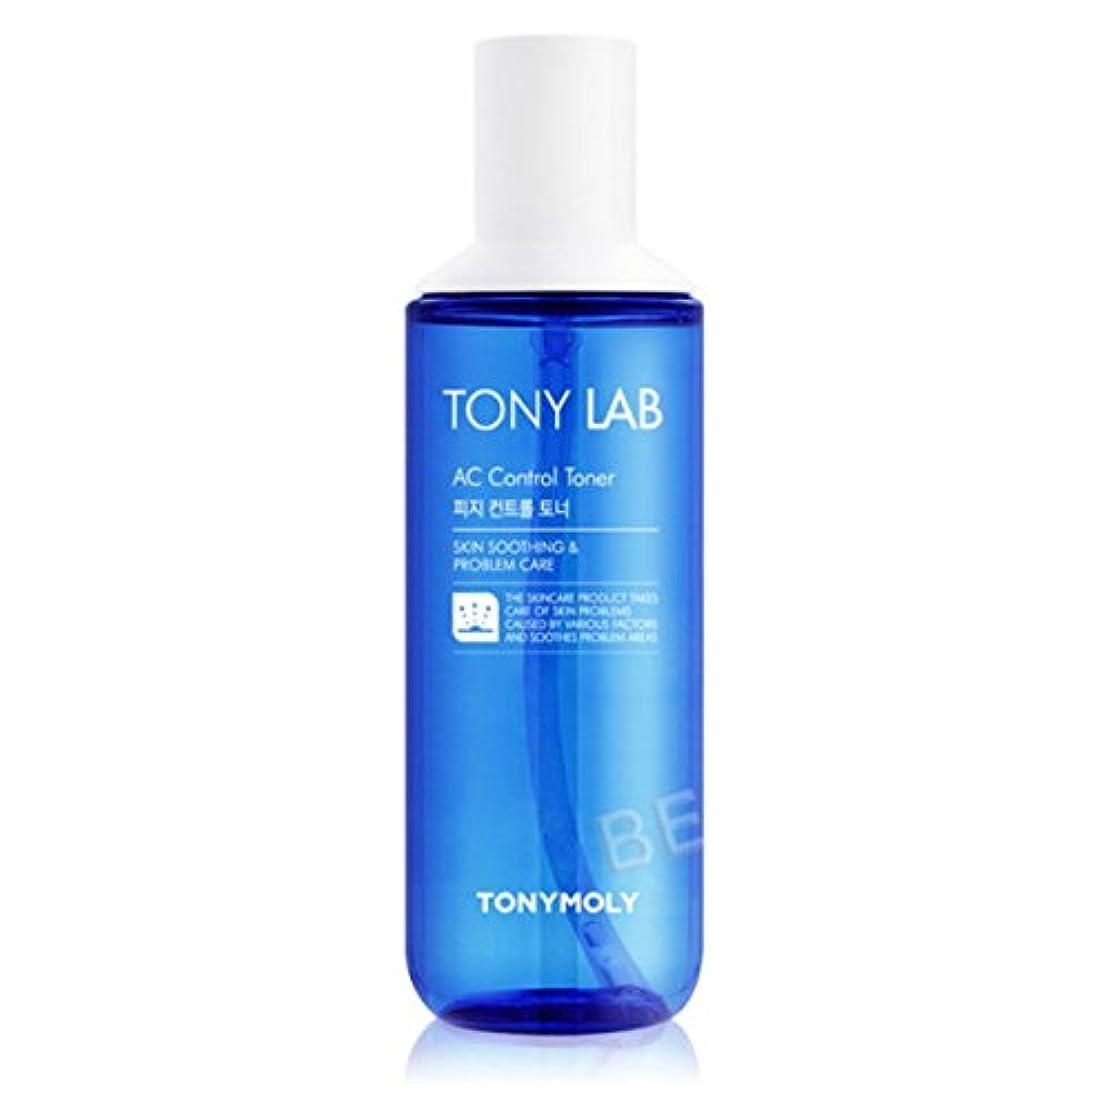 怒り適切なコーナー(3 Pack) TONYMOLY Tony Lab AC Control Toner (並行輸入品)